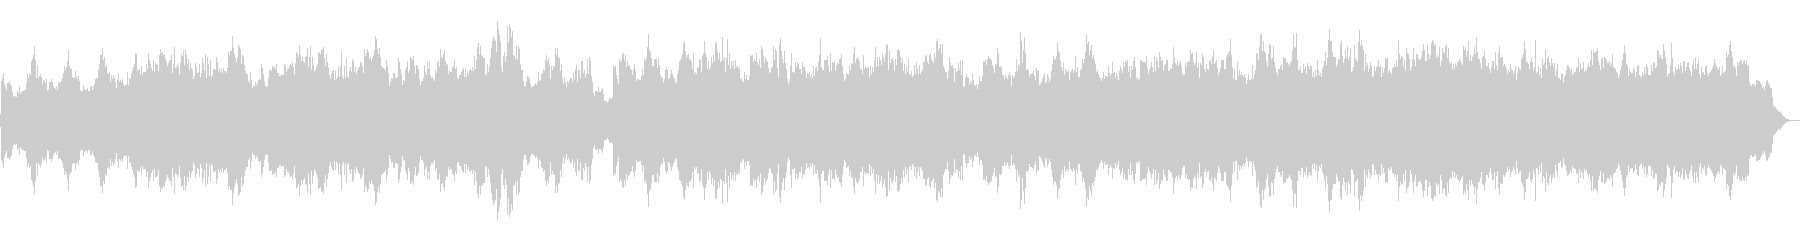 ハロウィン系BGM 魔法の森 SE入り版の未再生の波形